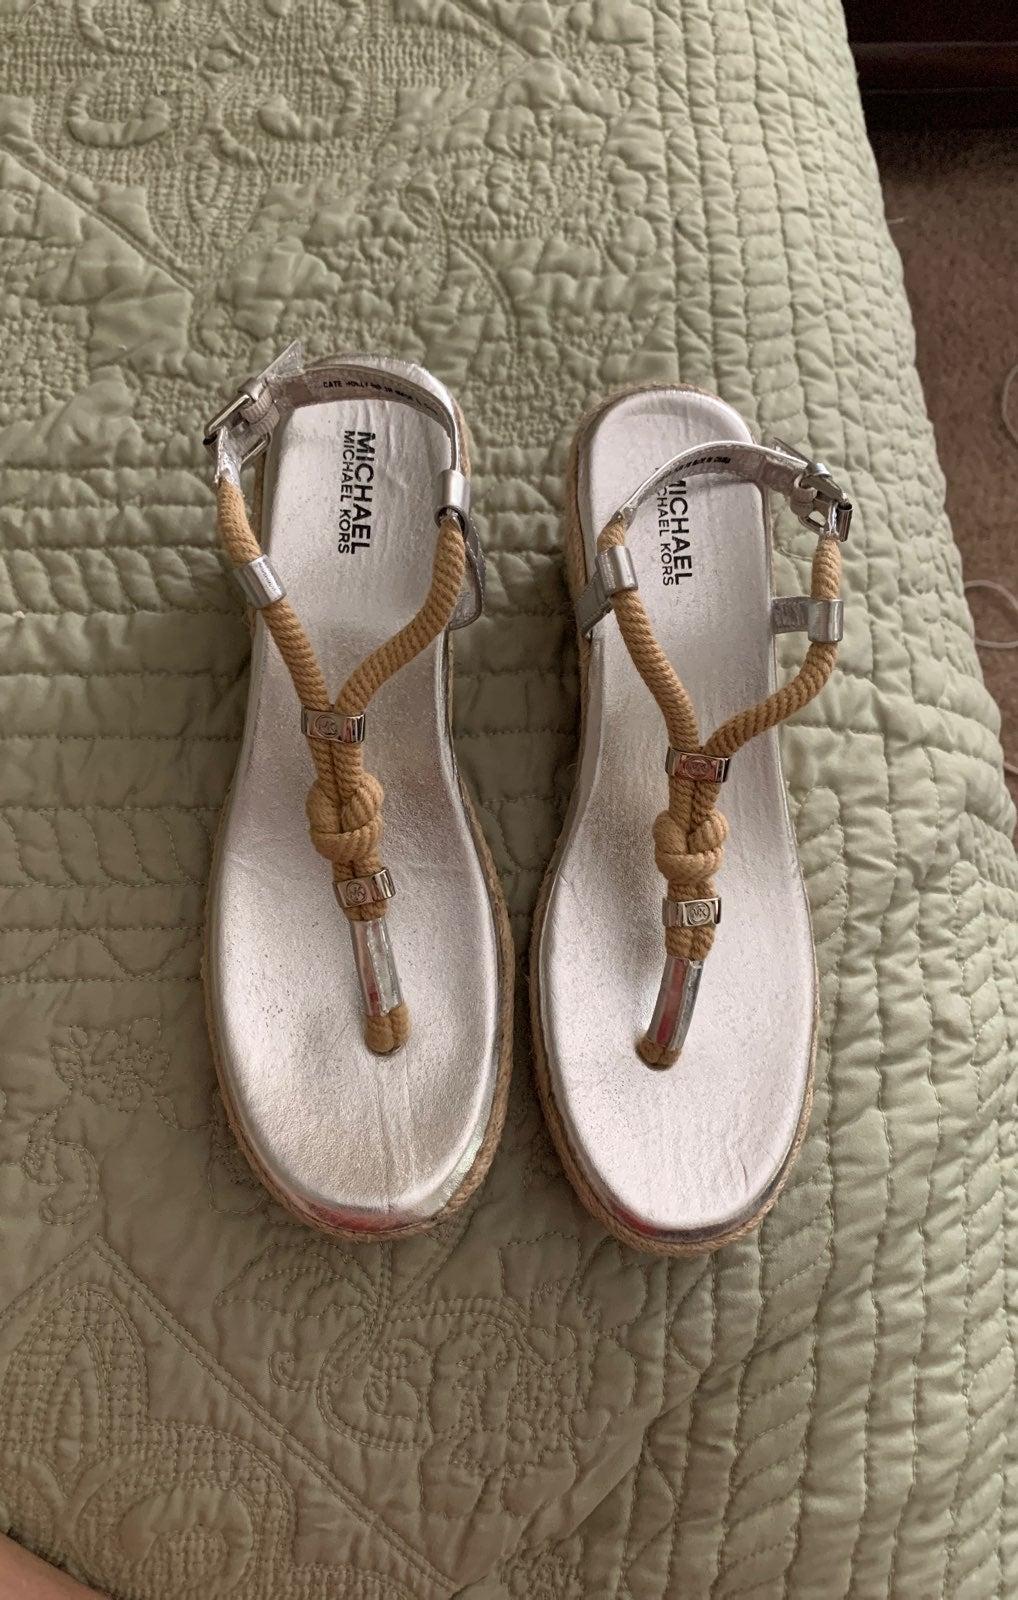 Michael Kors sandals size 3M